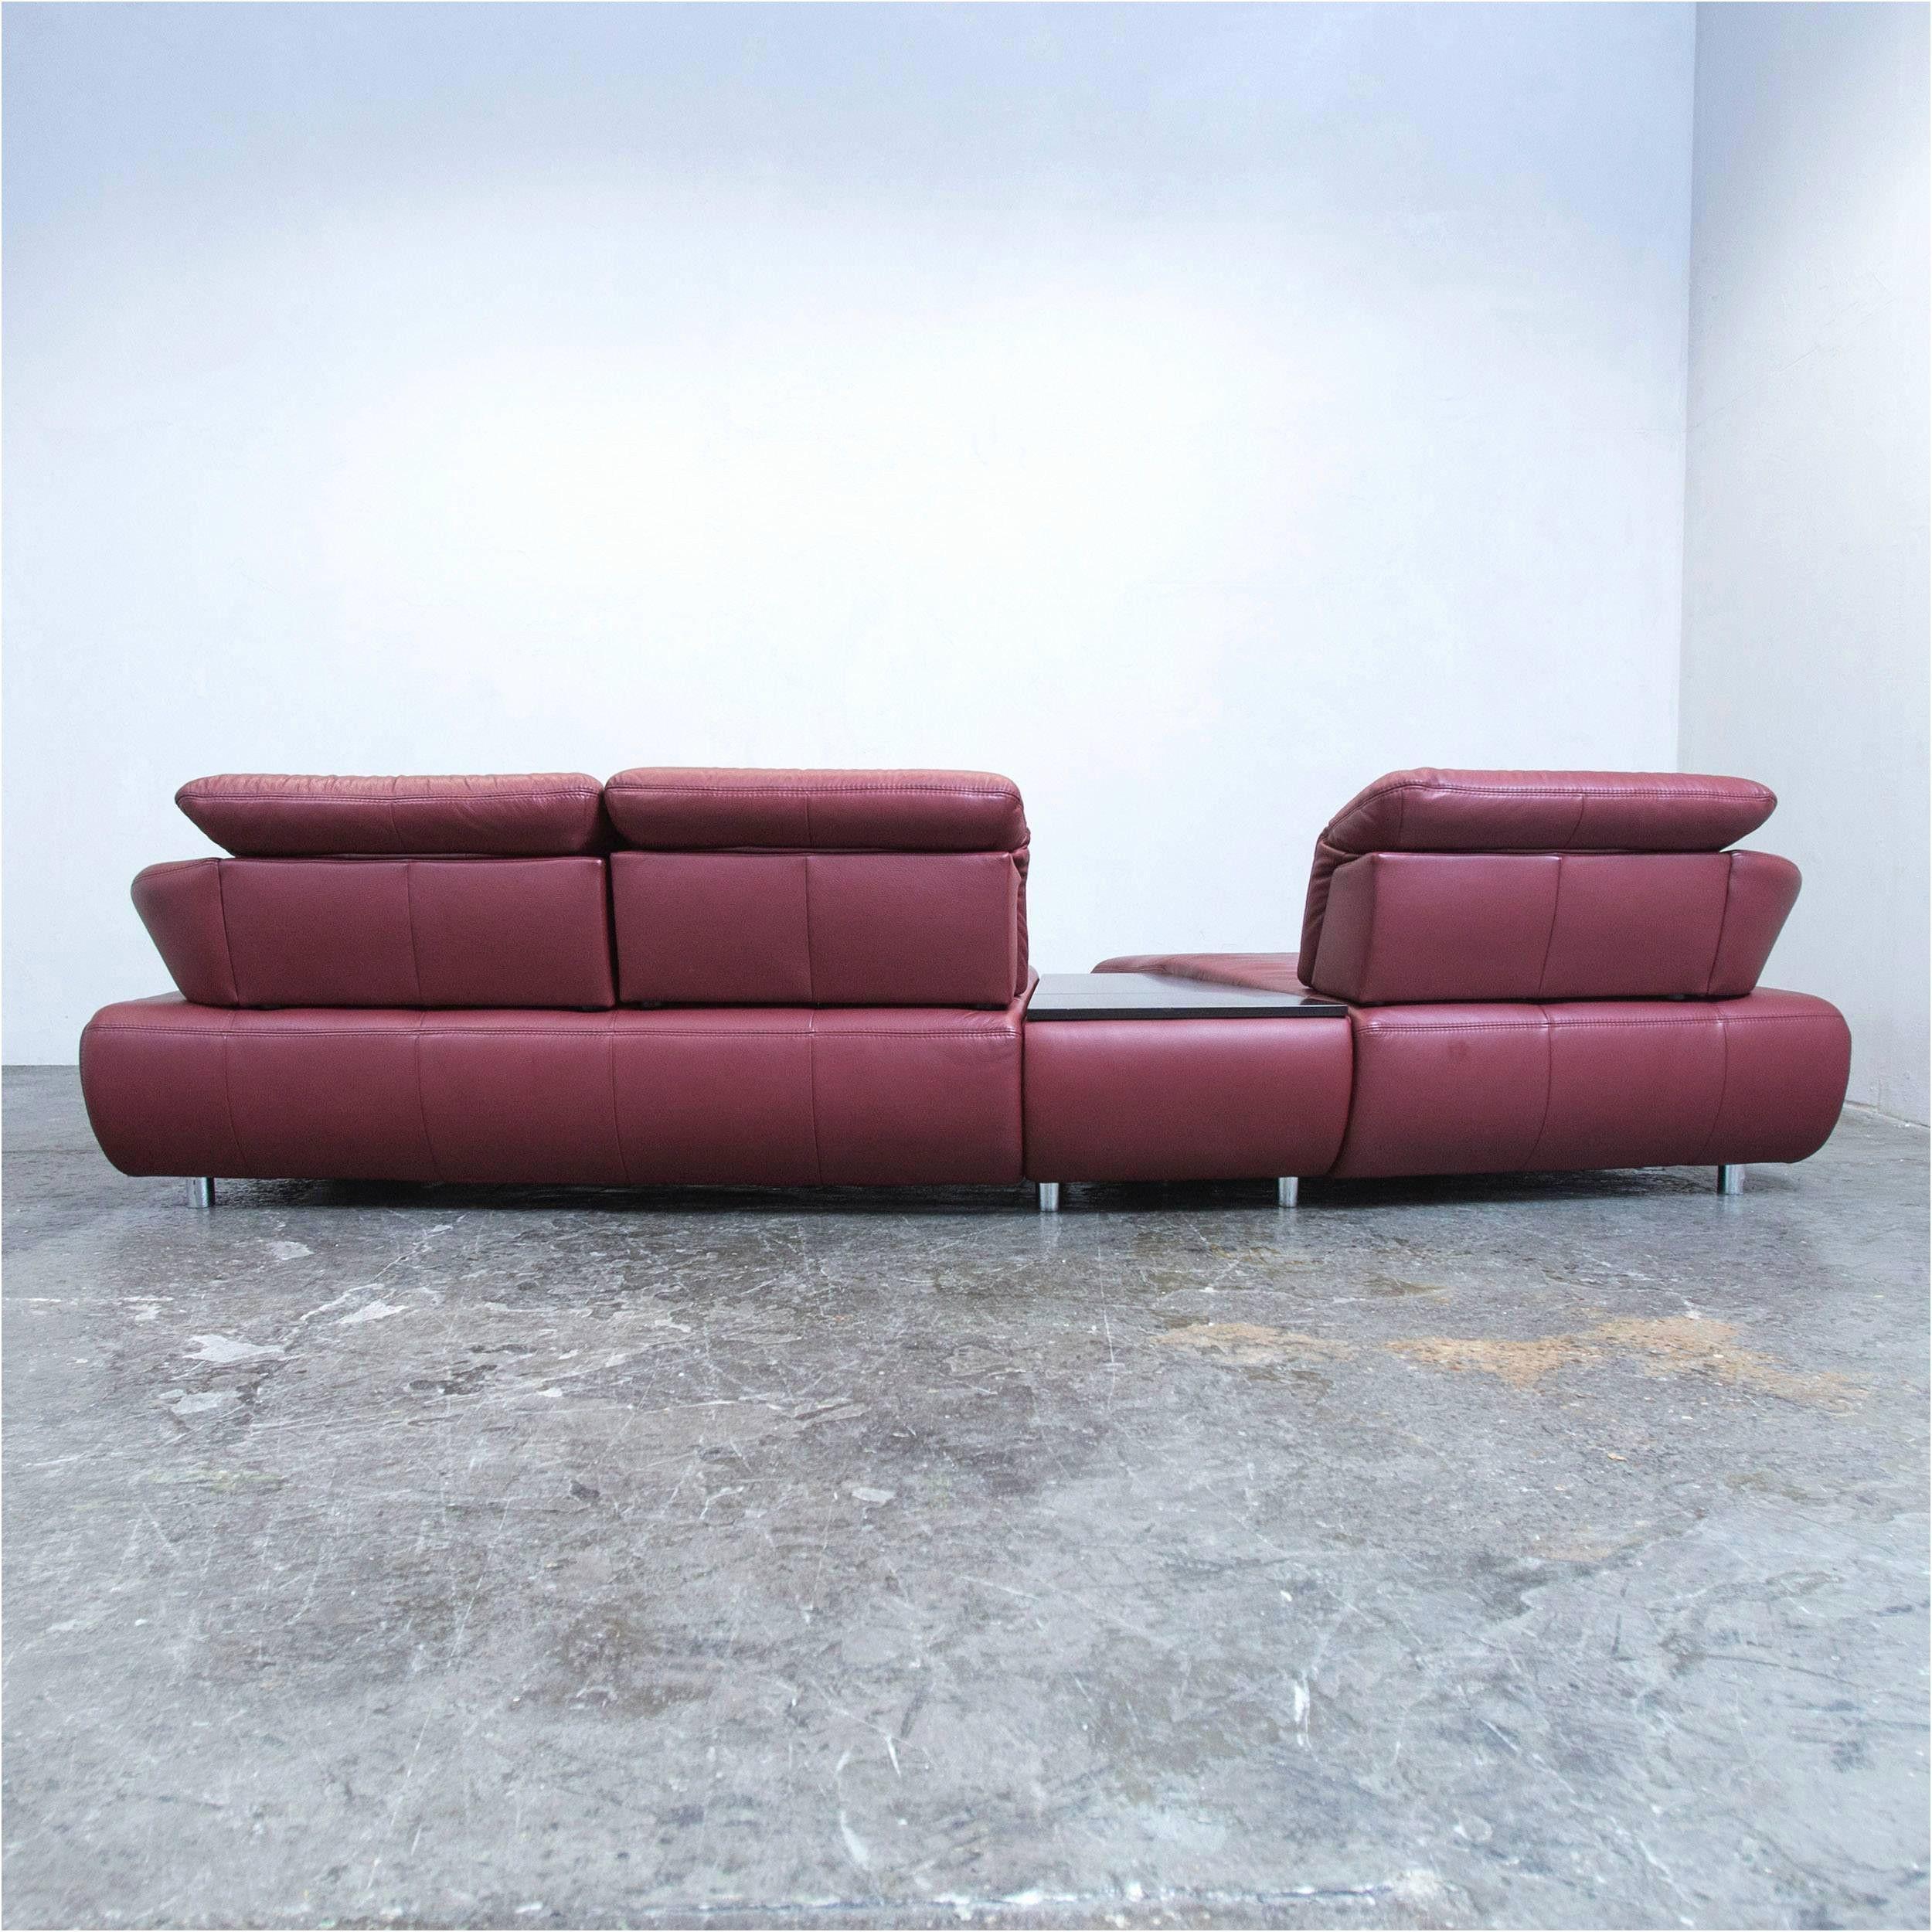 Full Size of Indomo Sofa Couch Rundecke Big Kaufen 3 Sitzer Samt Schlaffunktion Lagerverkauf Heimkino Bora Hannover Wildleder Sofa Indomo Sofa